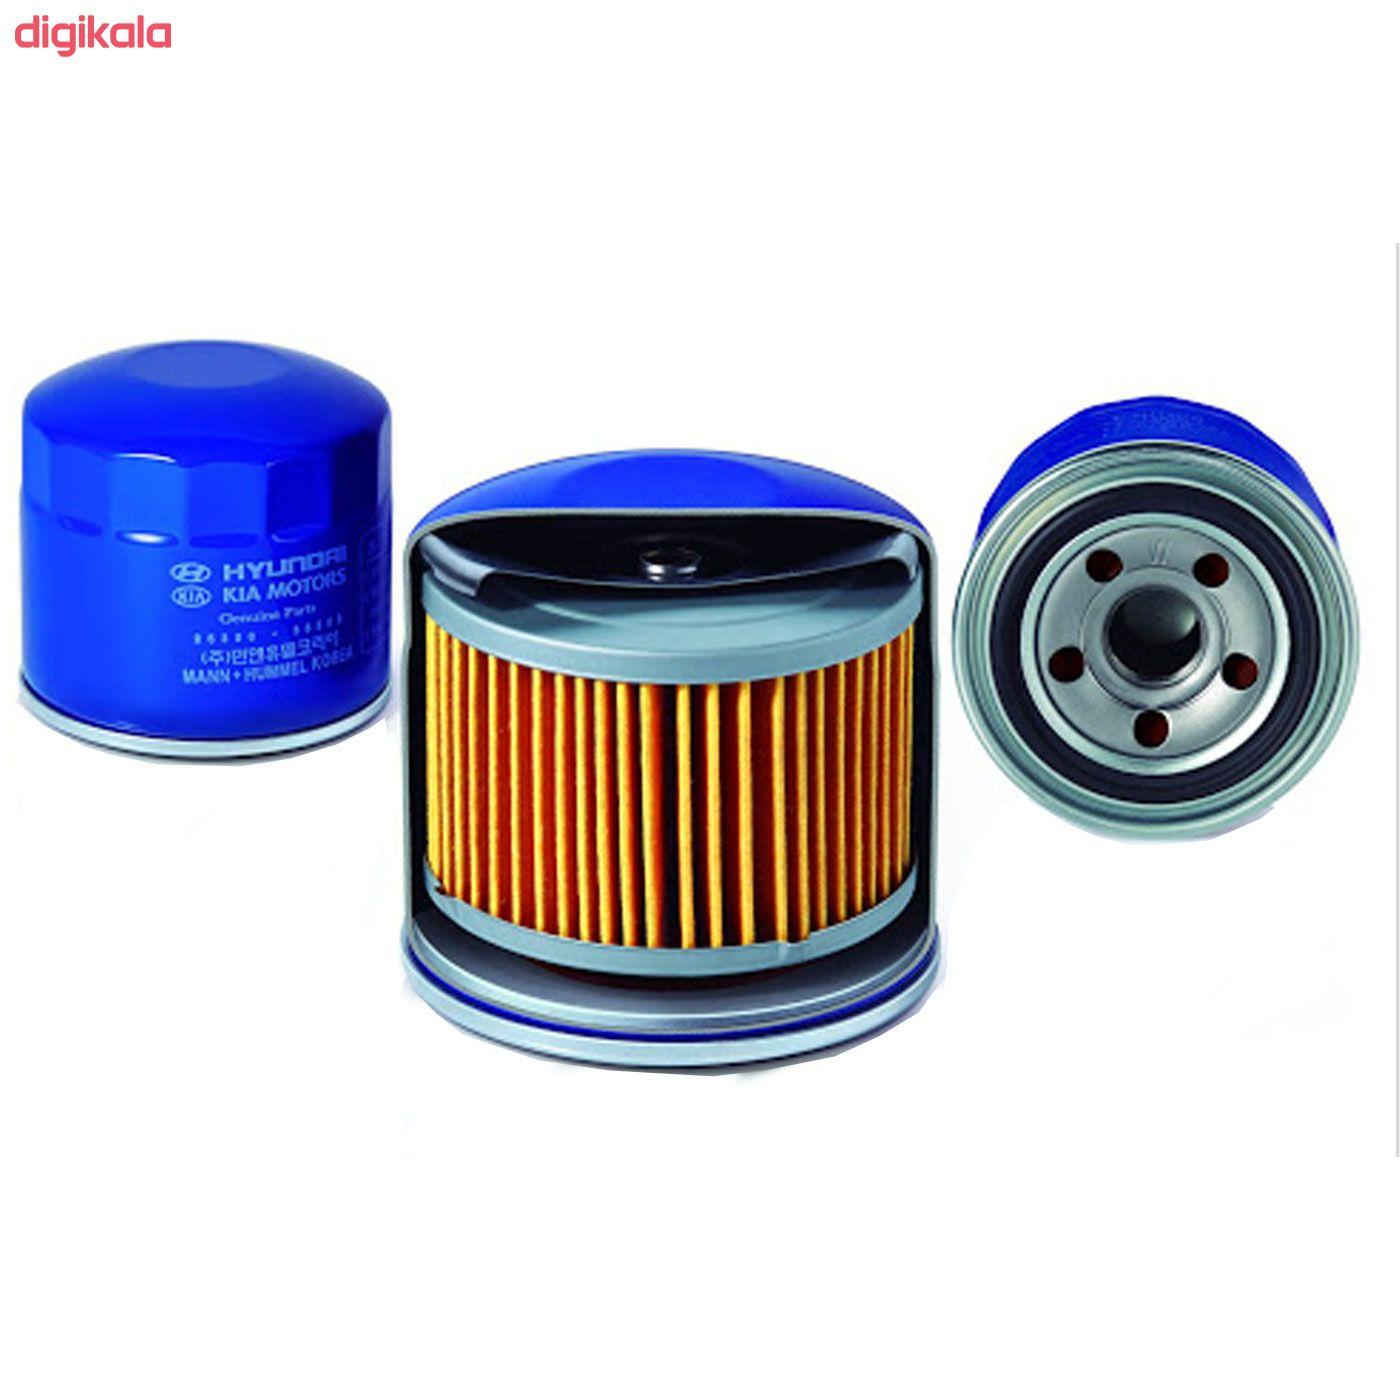 فیلتر روغن خودرو هیوندای جنیون پارتس مدل 35505 مناسب برای هیوندای النترا main 1 1